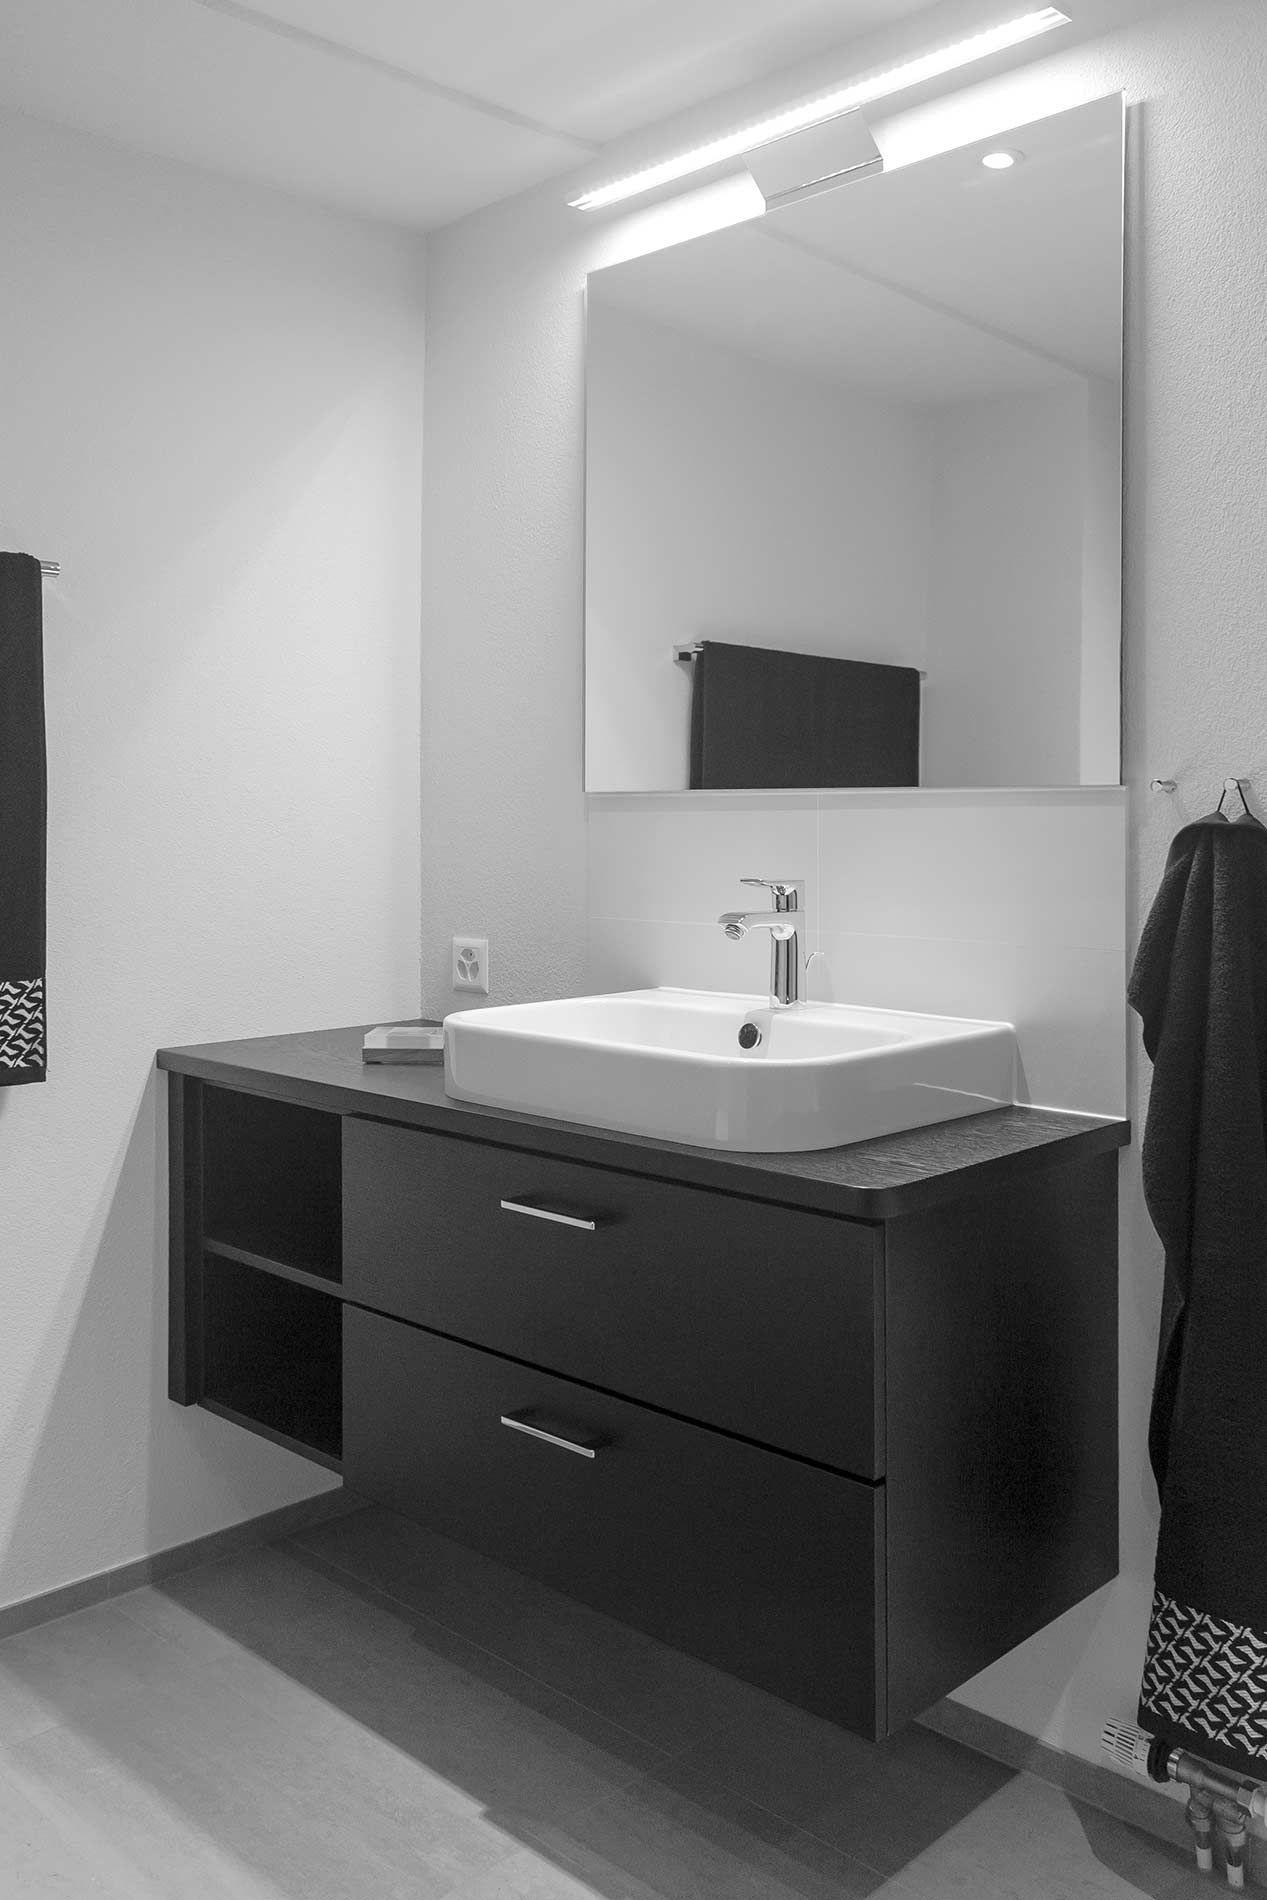 Explore These Ideas And More! Waschbereich Mit Schwarzem Unterschrank Und  Weißem Aufsatzwaschbecken